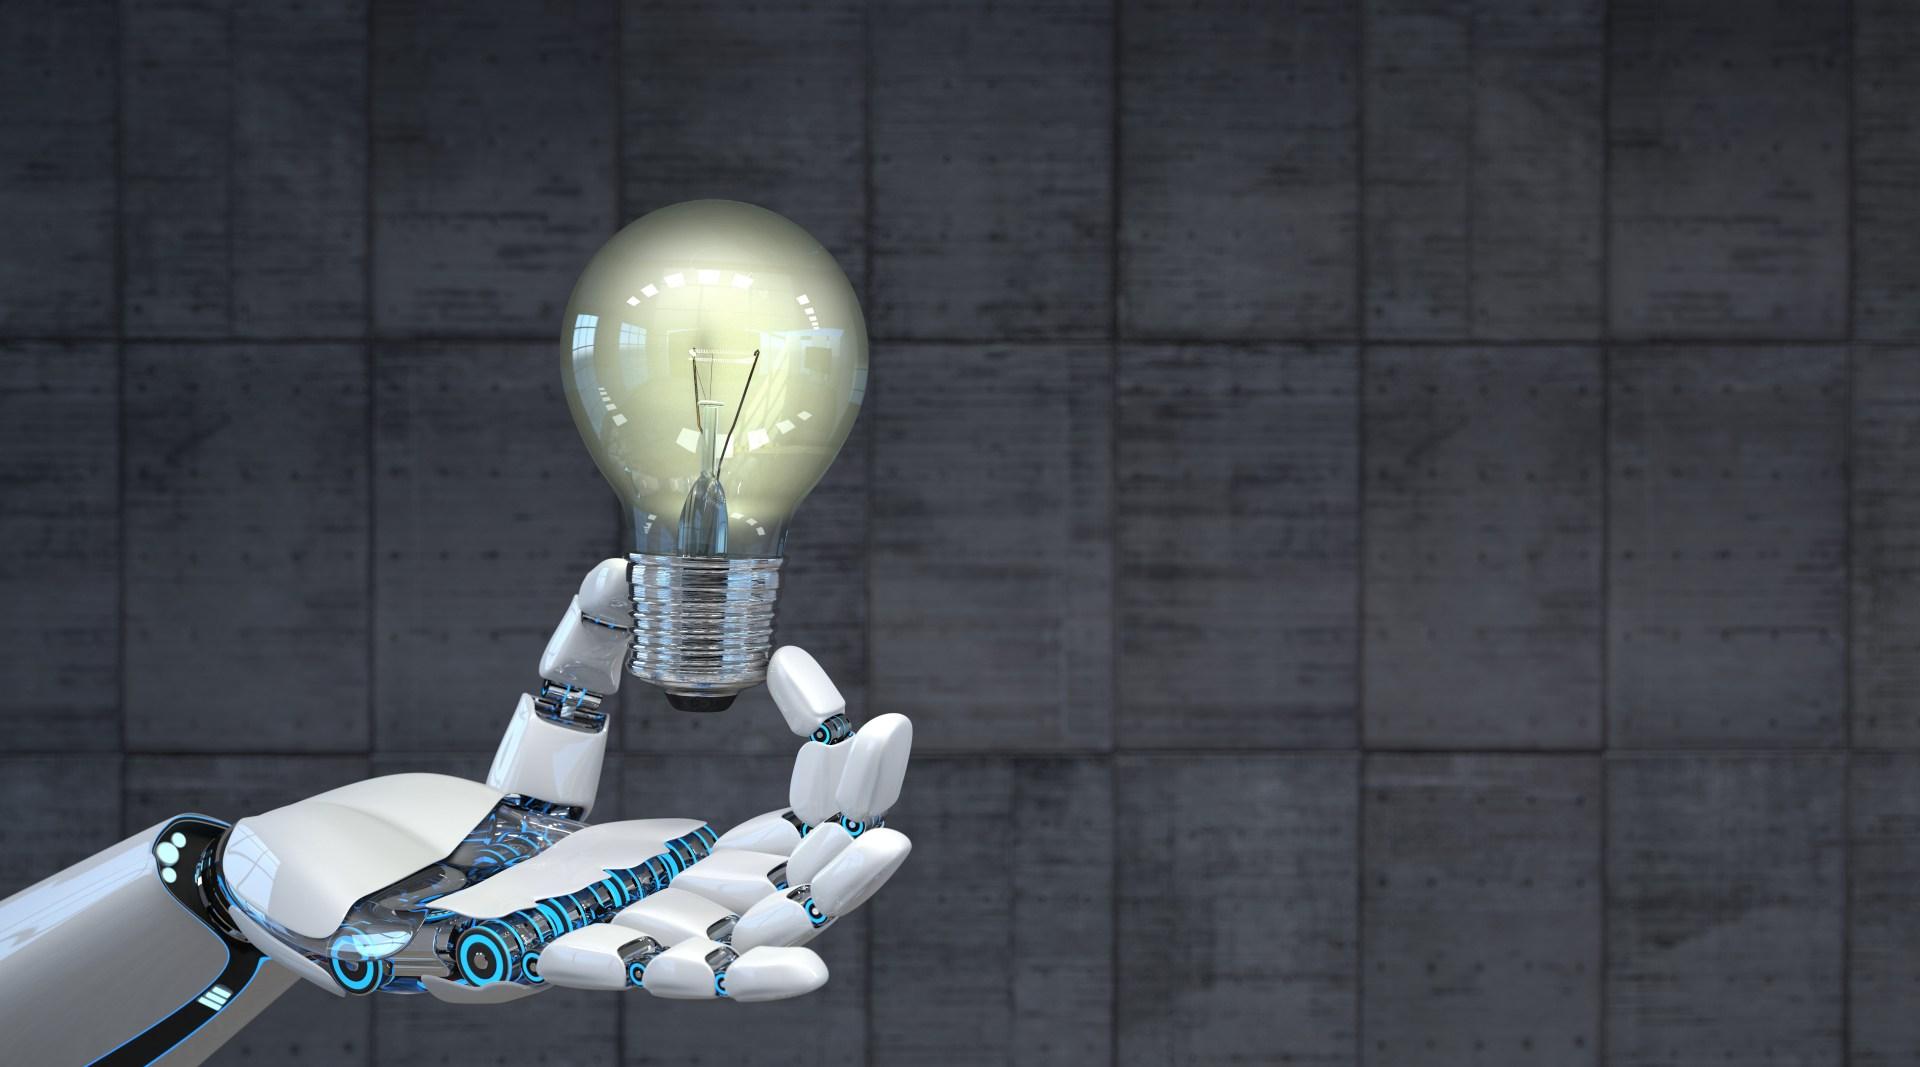 Что такое хорошо, что такое плохо: будет ли совесть у искусственного интеллекта - 4